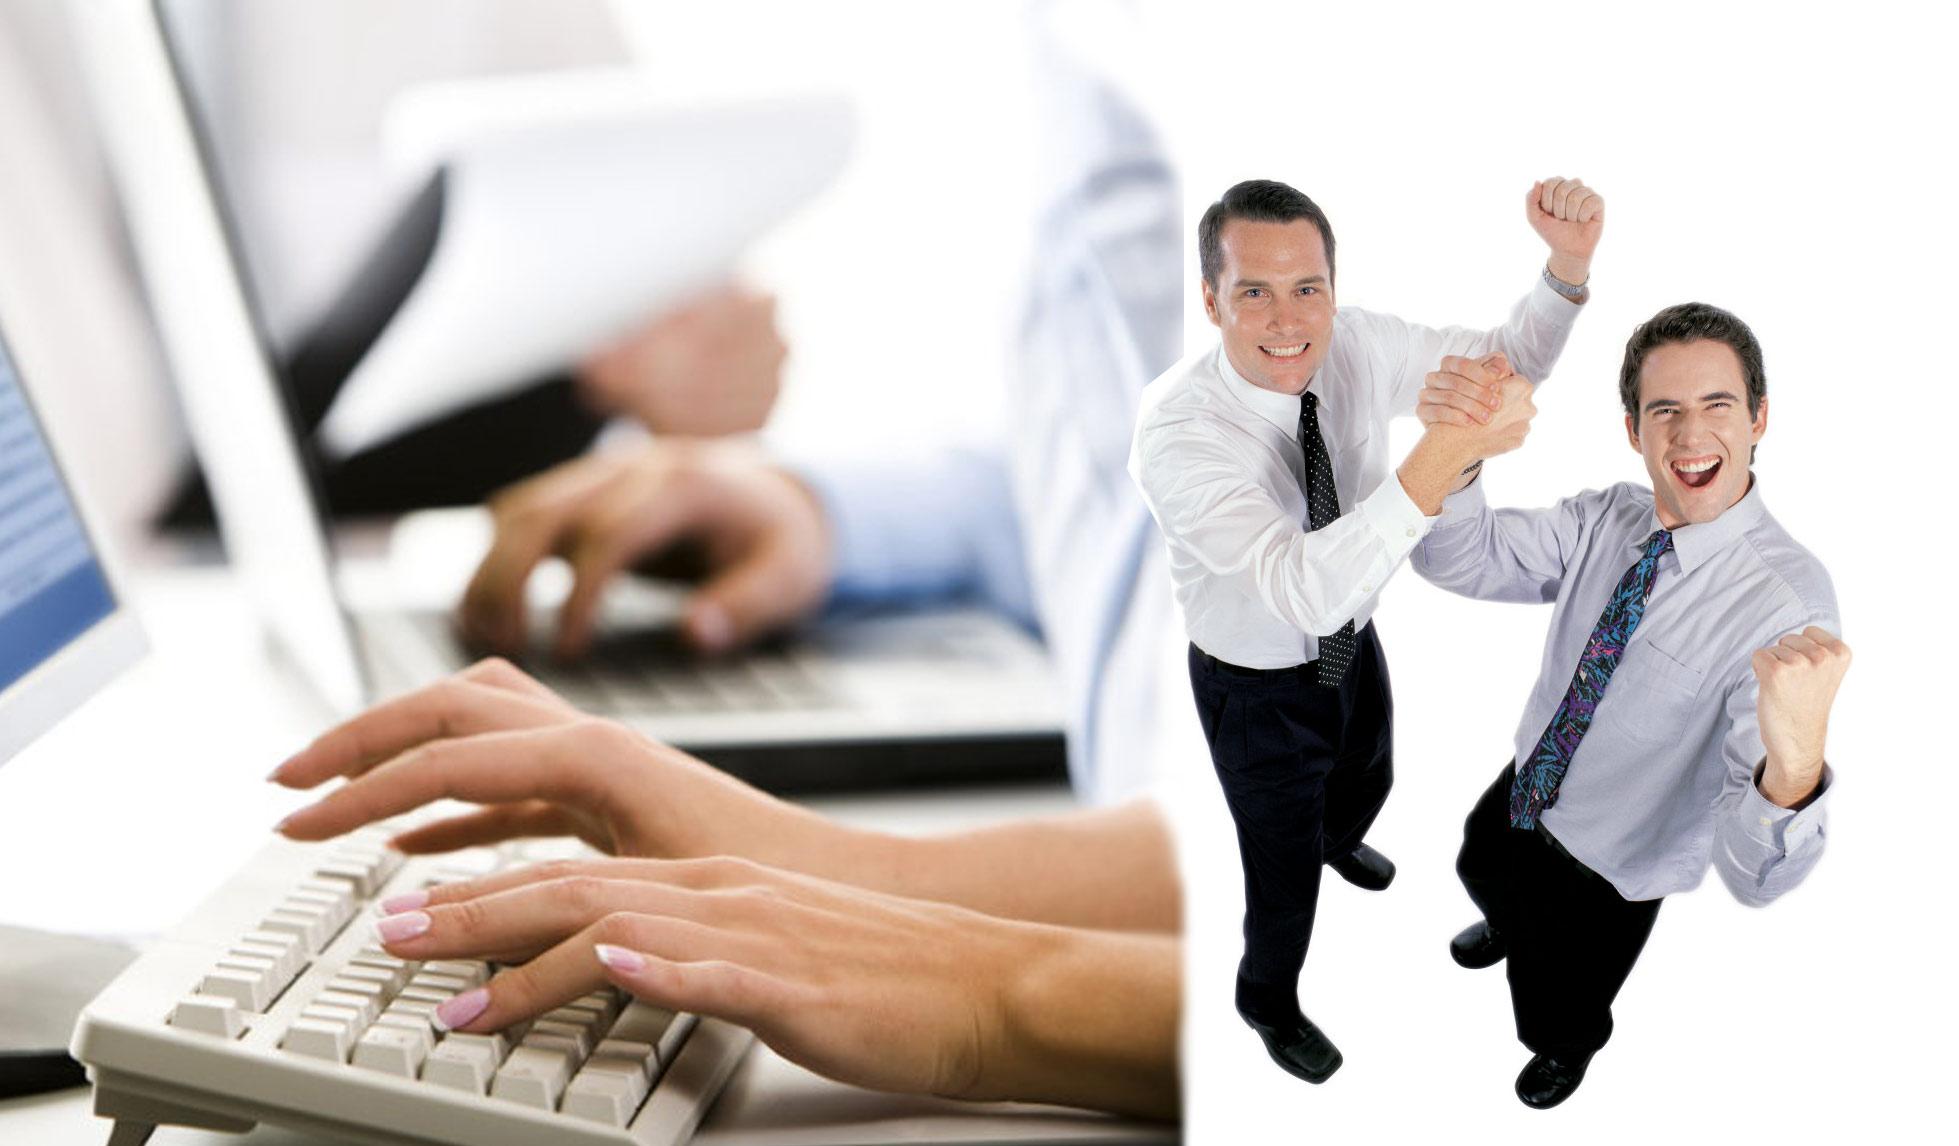 Bí quyết tìm việc làm tại Hà Tĩnh lương cao cho dân Công nghệ